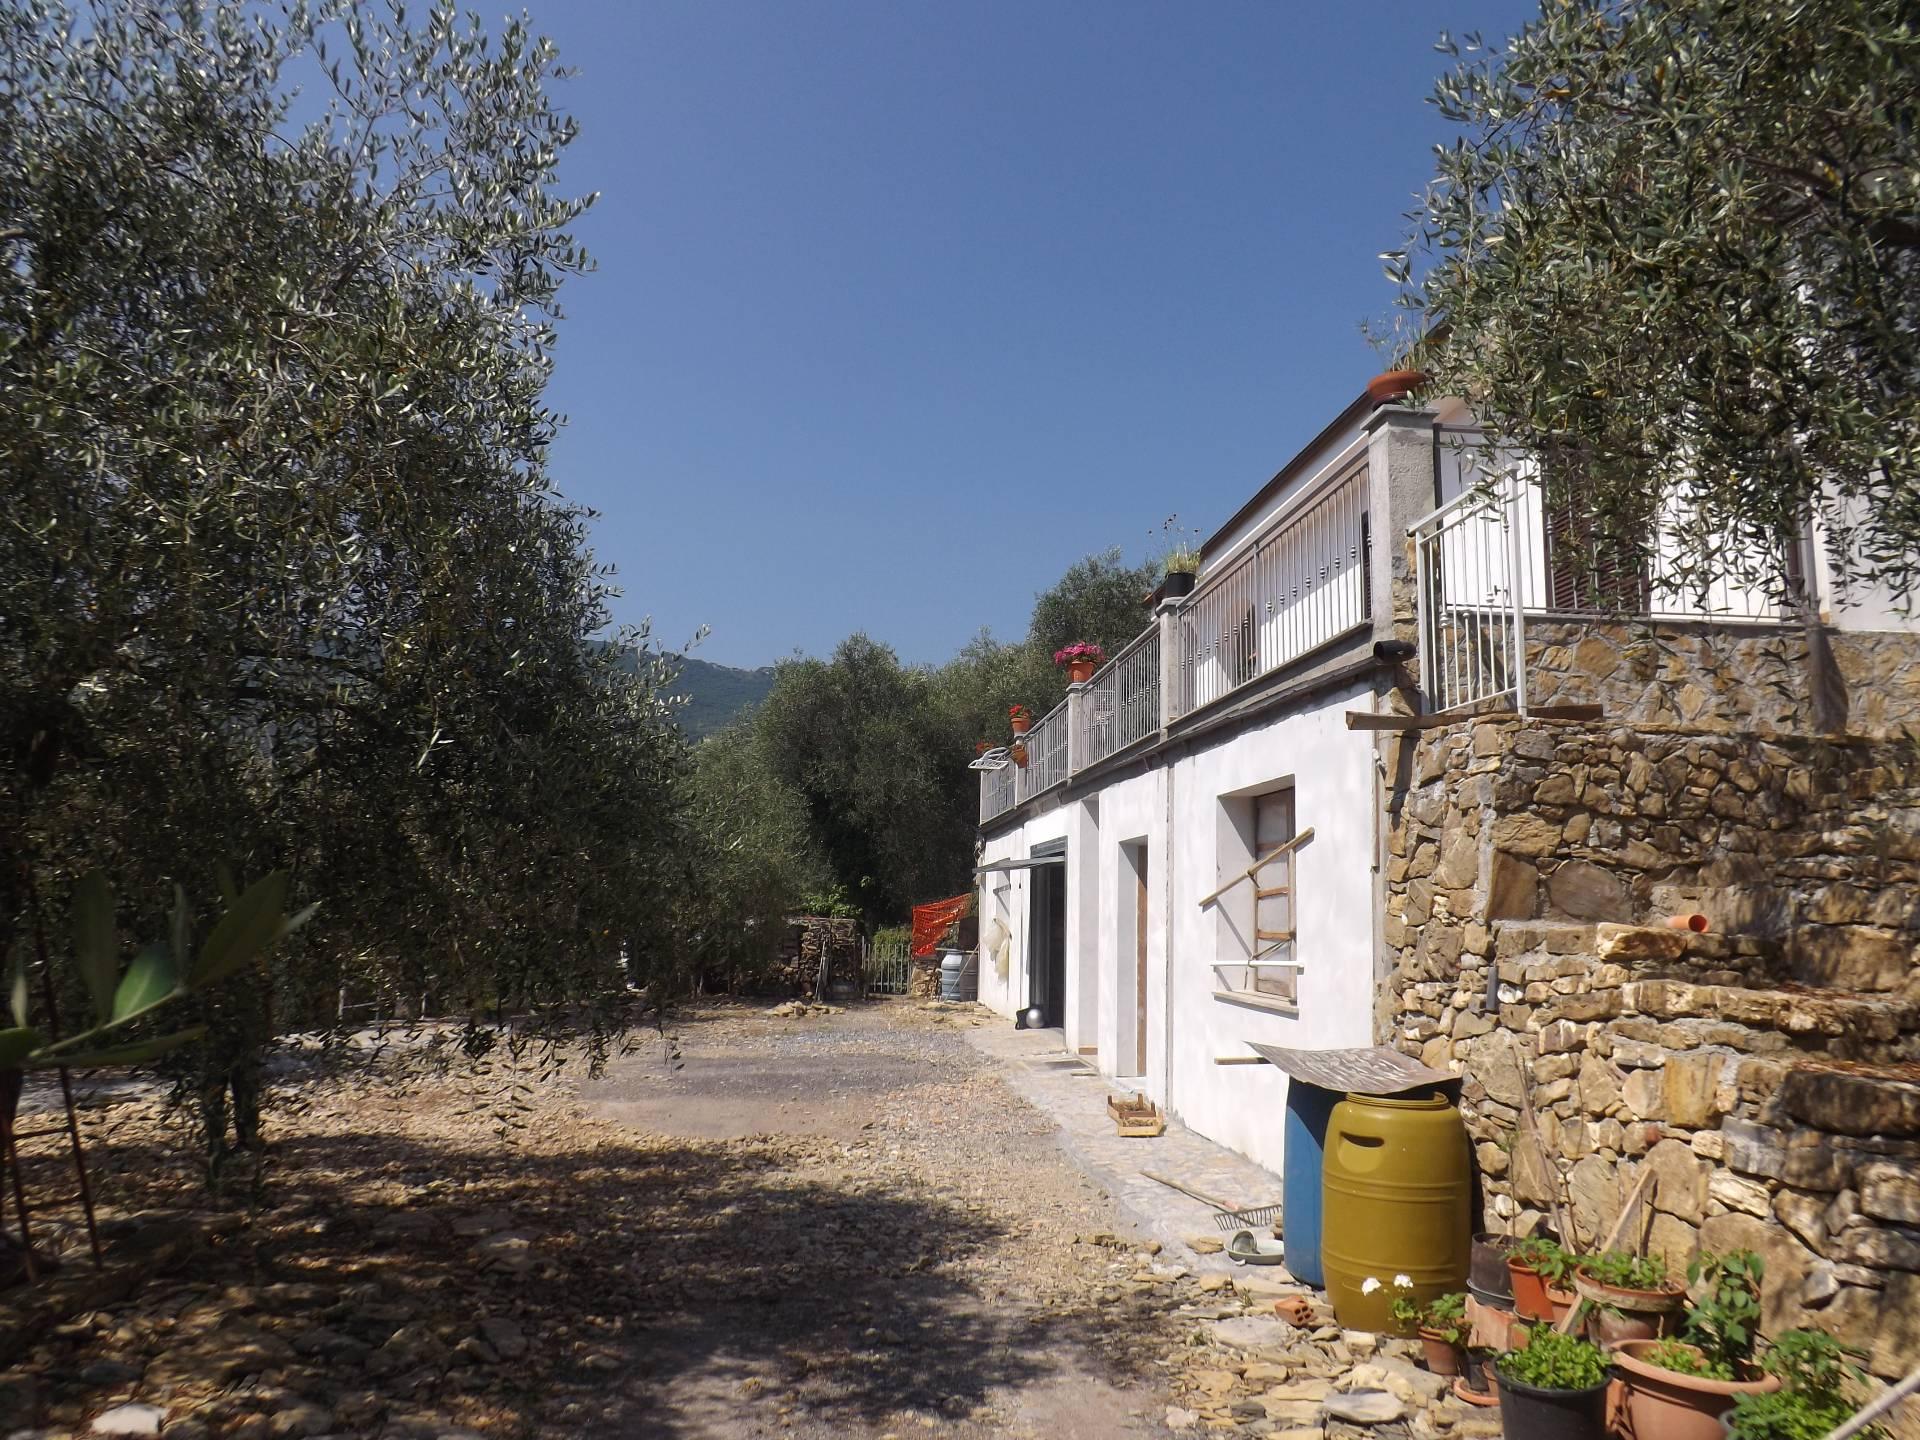 Villa in vendita a Andora, 4 locali, zona Località: SanBartolomeo, prezzo € 450.000 | Cambio Casa.it